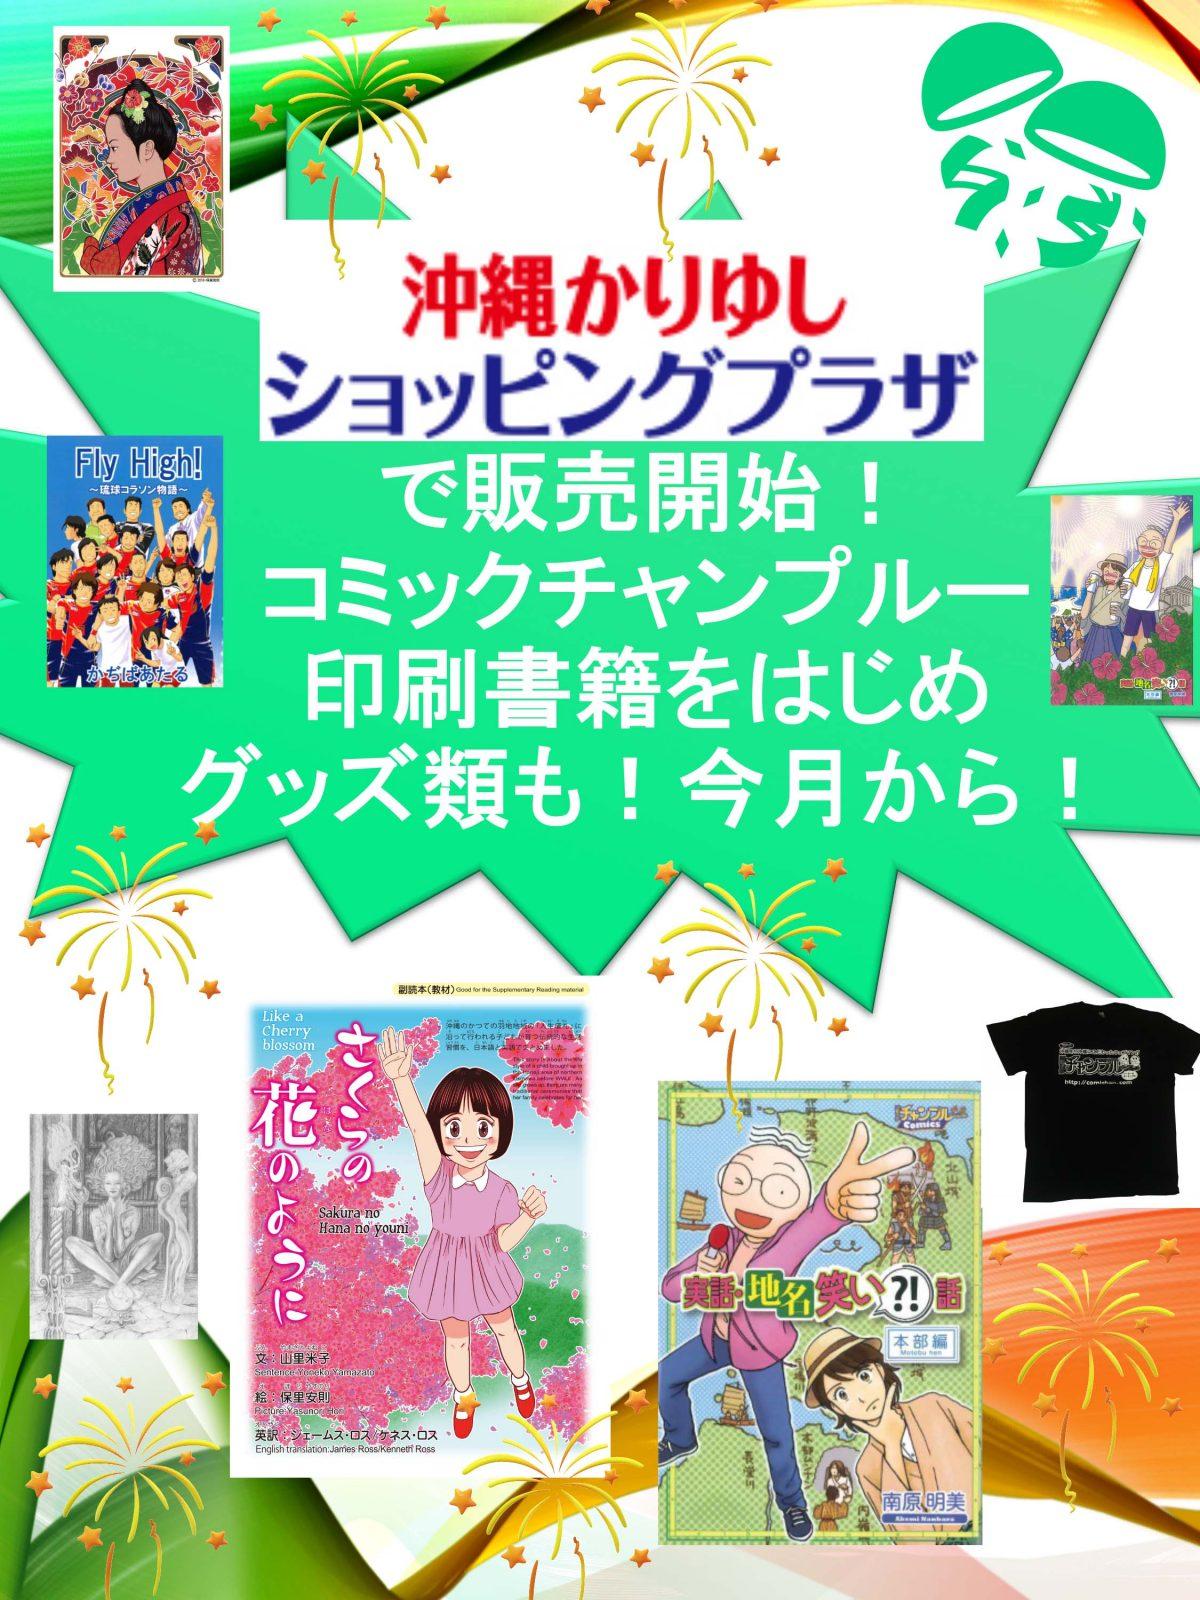 「沖縄かりゆしショッピングプラザ」で販売開始!コミックチャンプルー 印刷書籍をはじめグッズ類も!今月から!